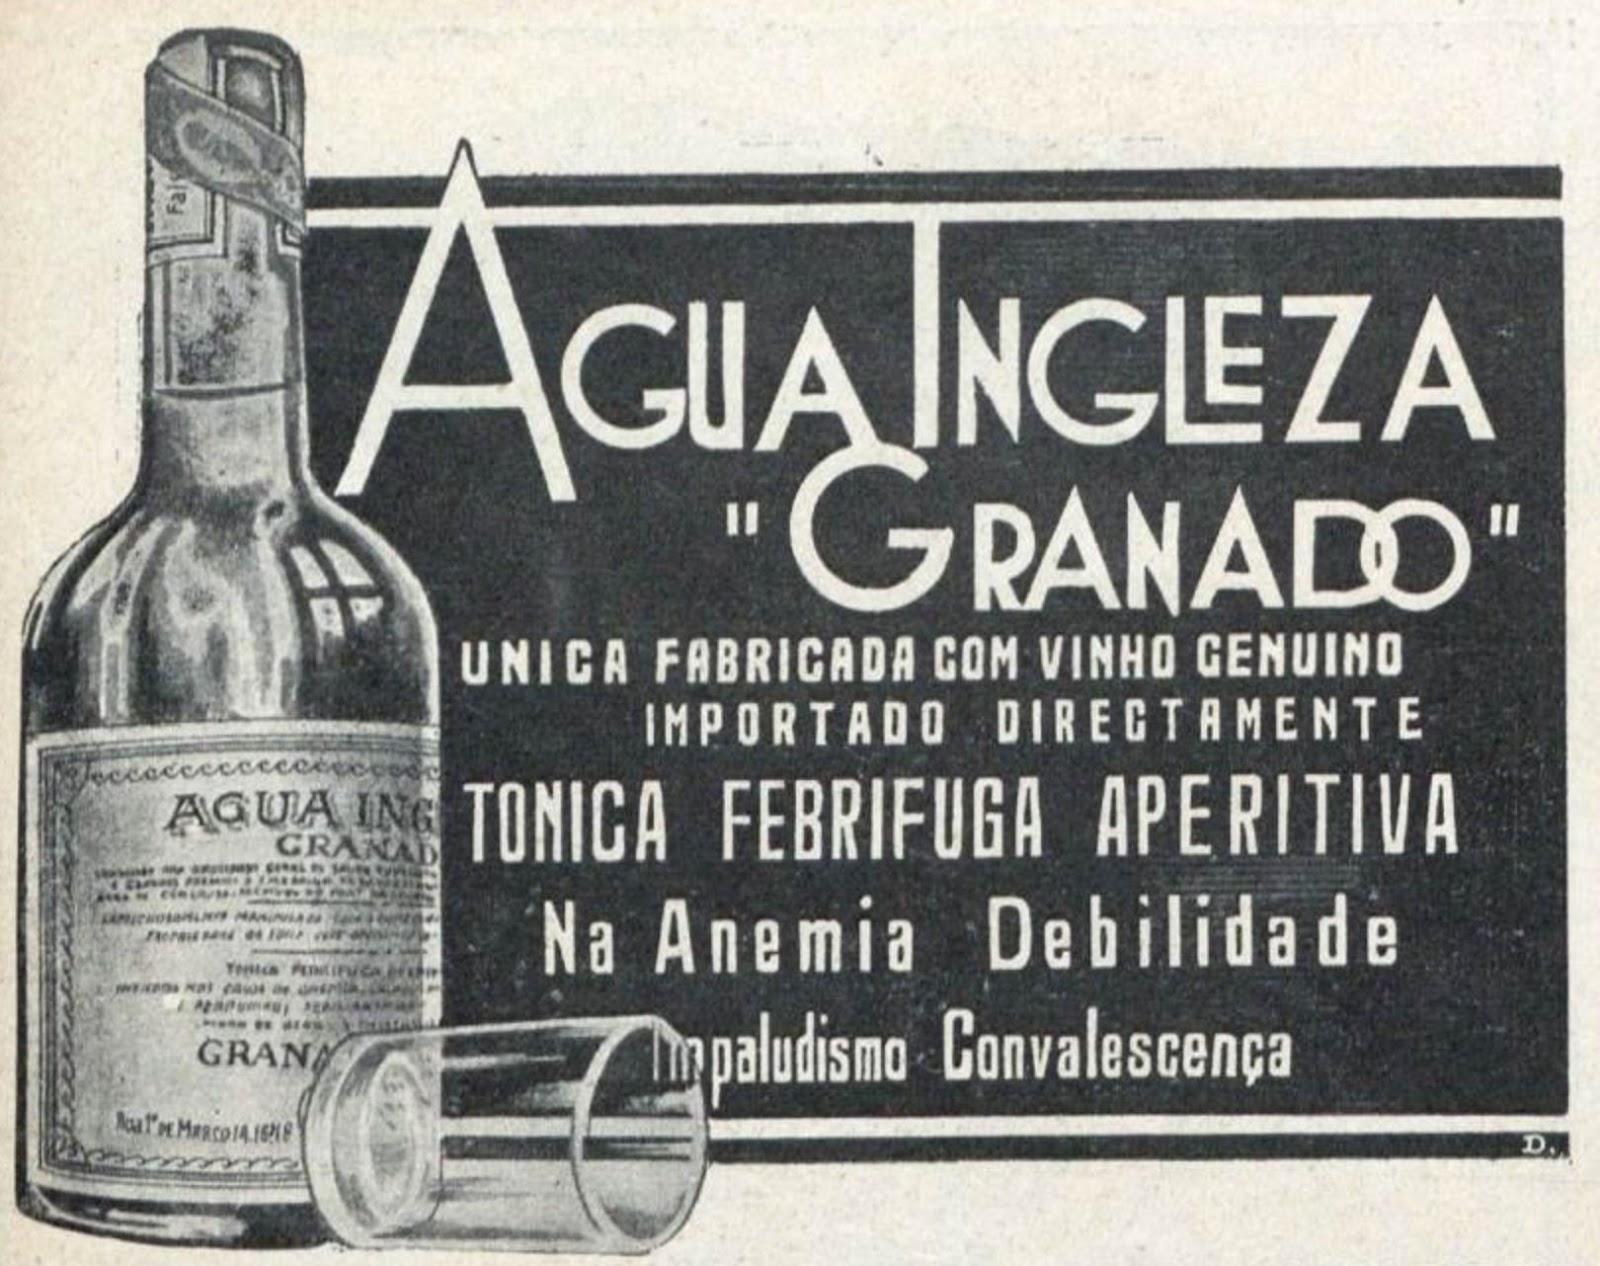 Anúncio de 1928 promovia a Água Inglesa Granado para combater anemia